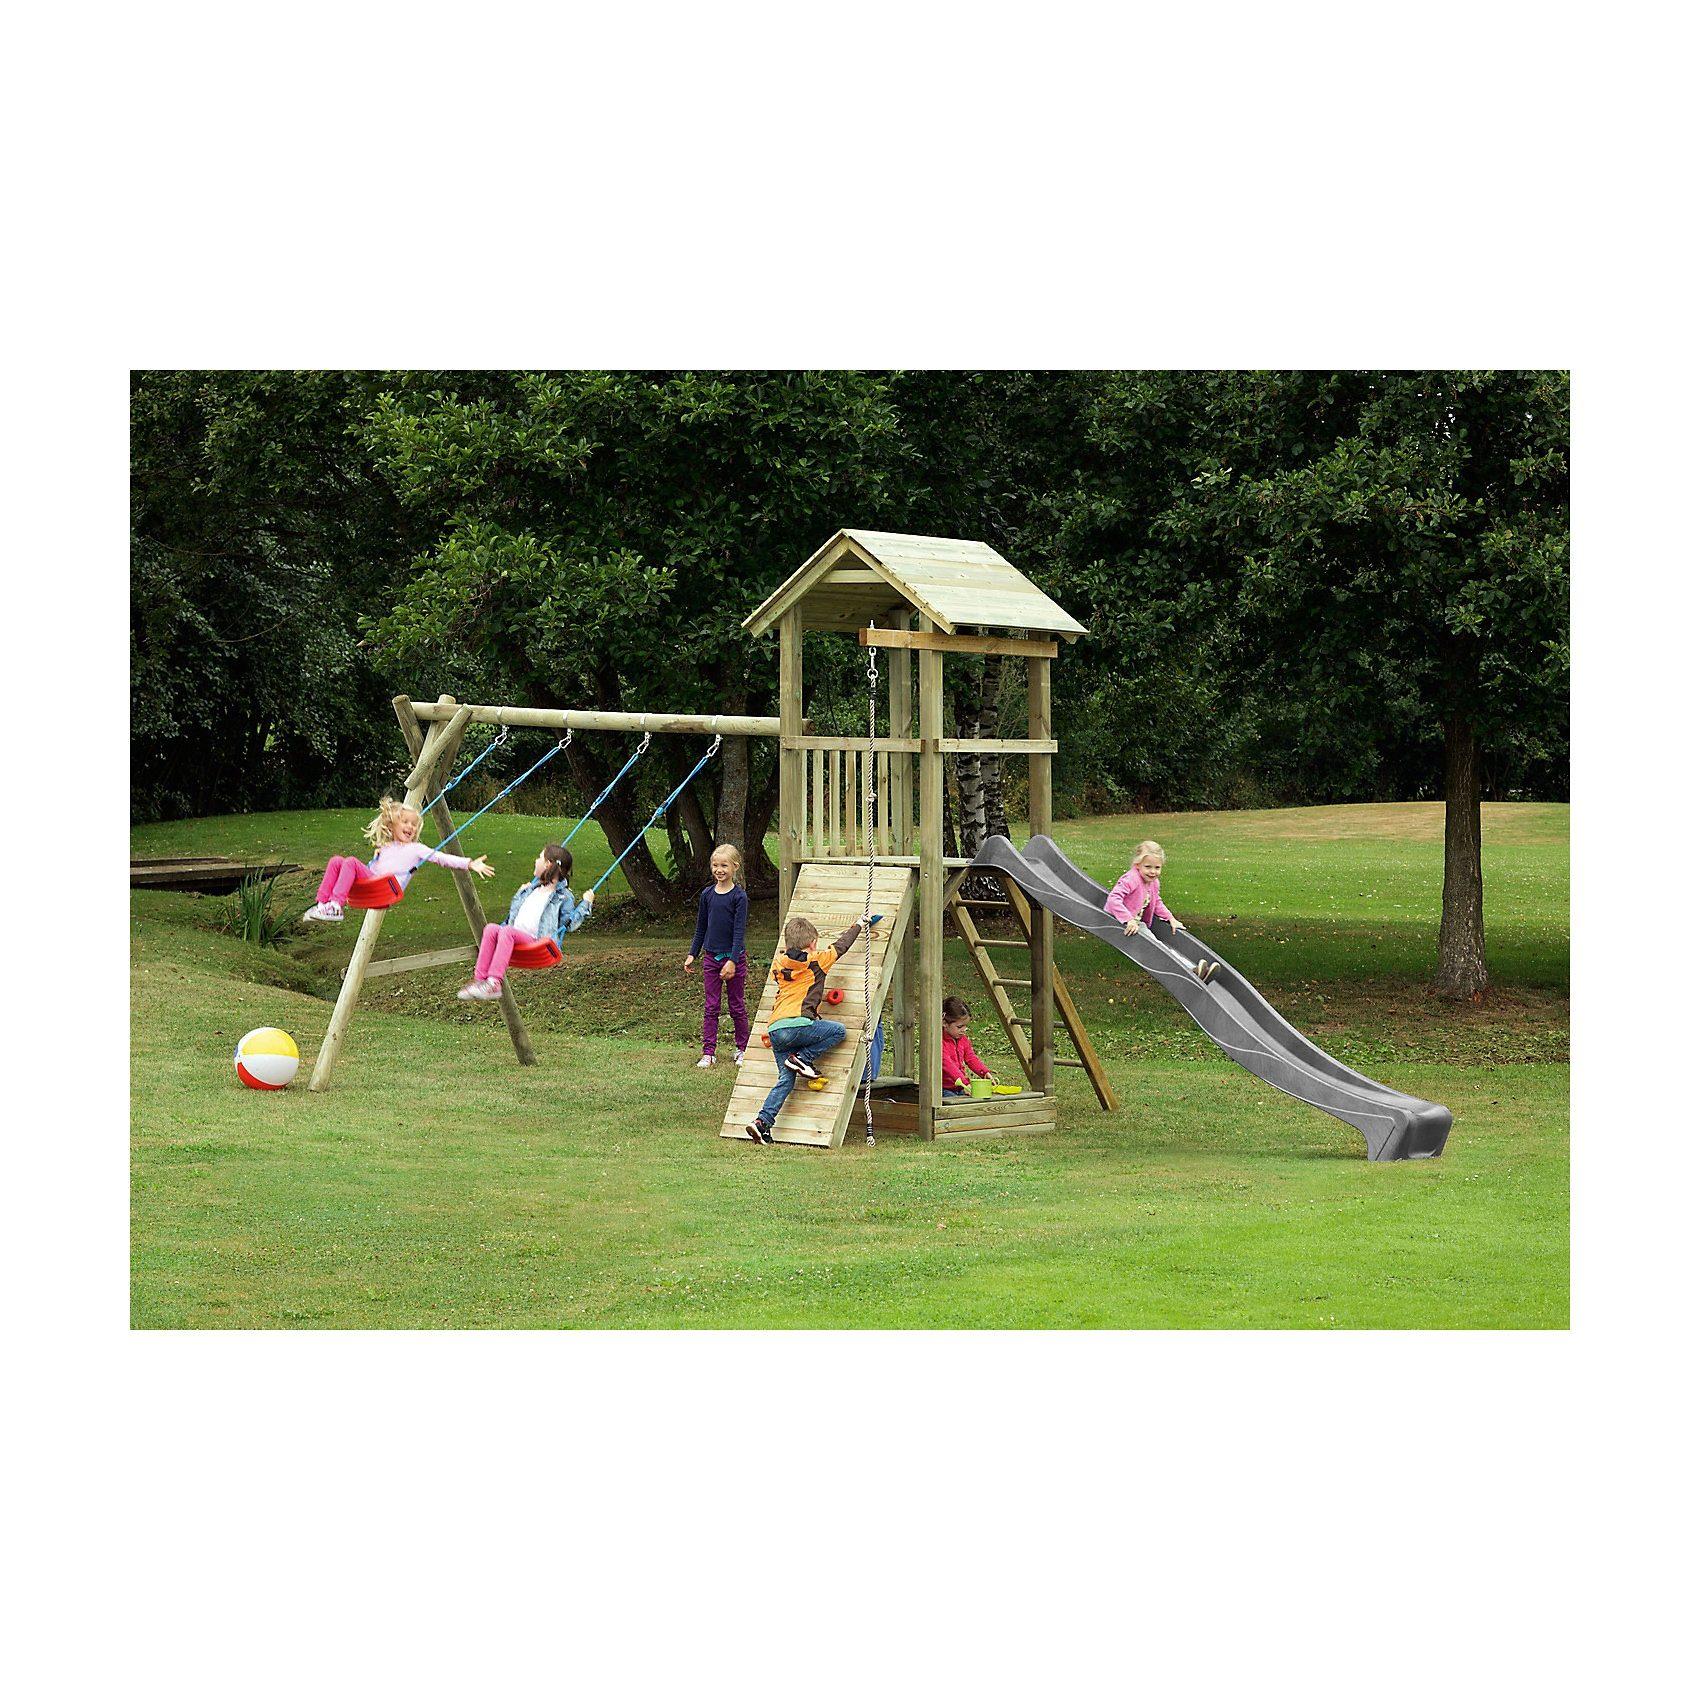 Spielturm mit Holzdach - PIRATE & PRINCESS 6 - ohne Rutsche